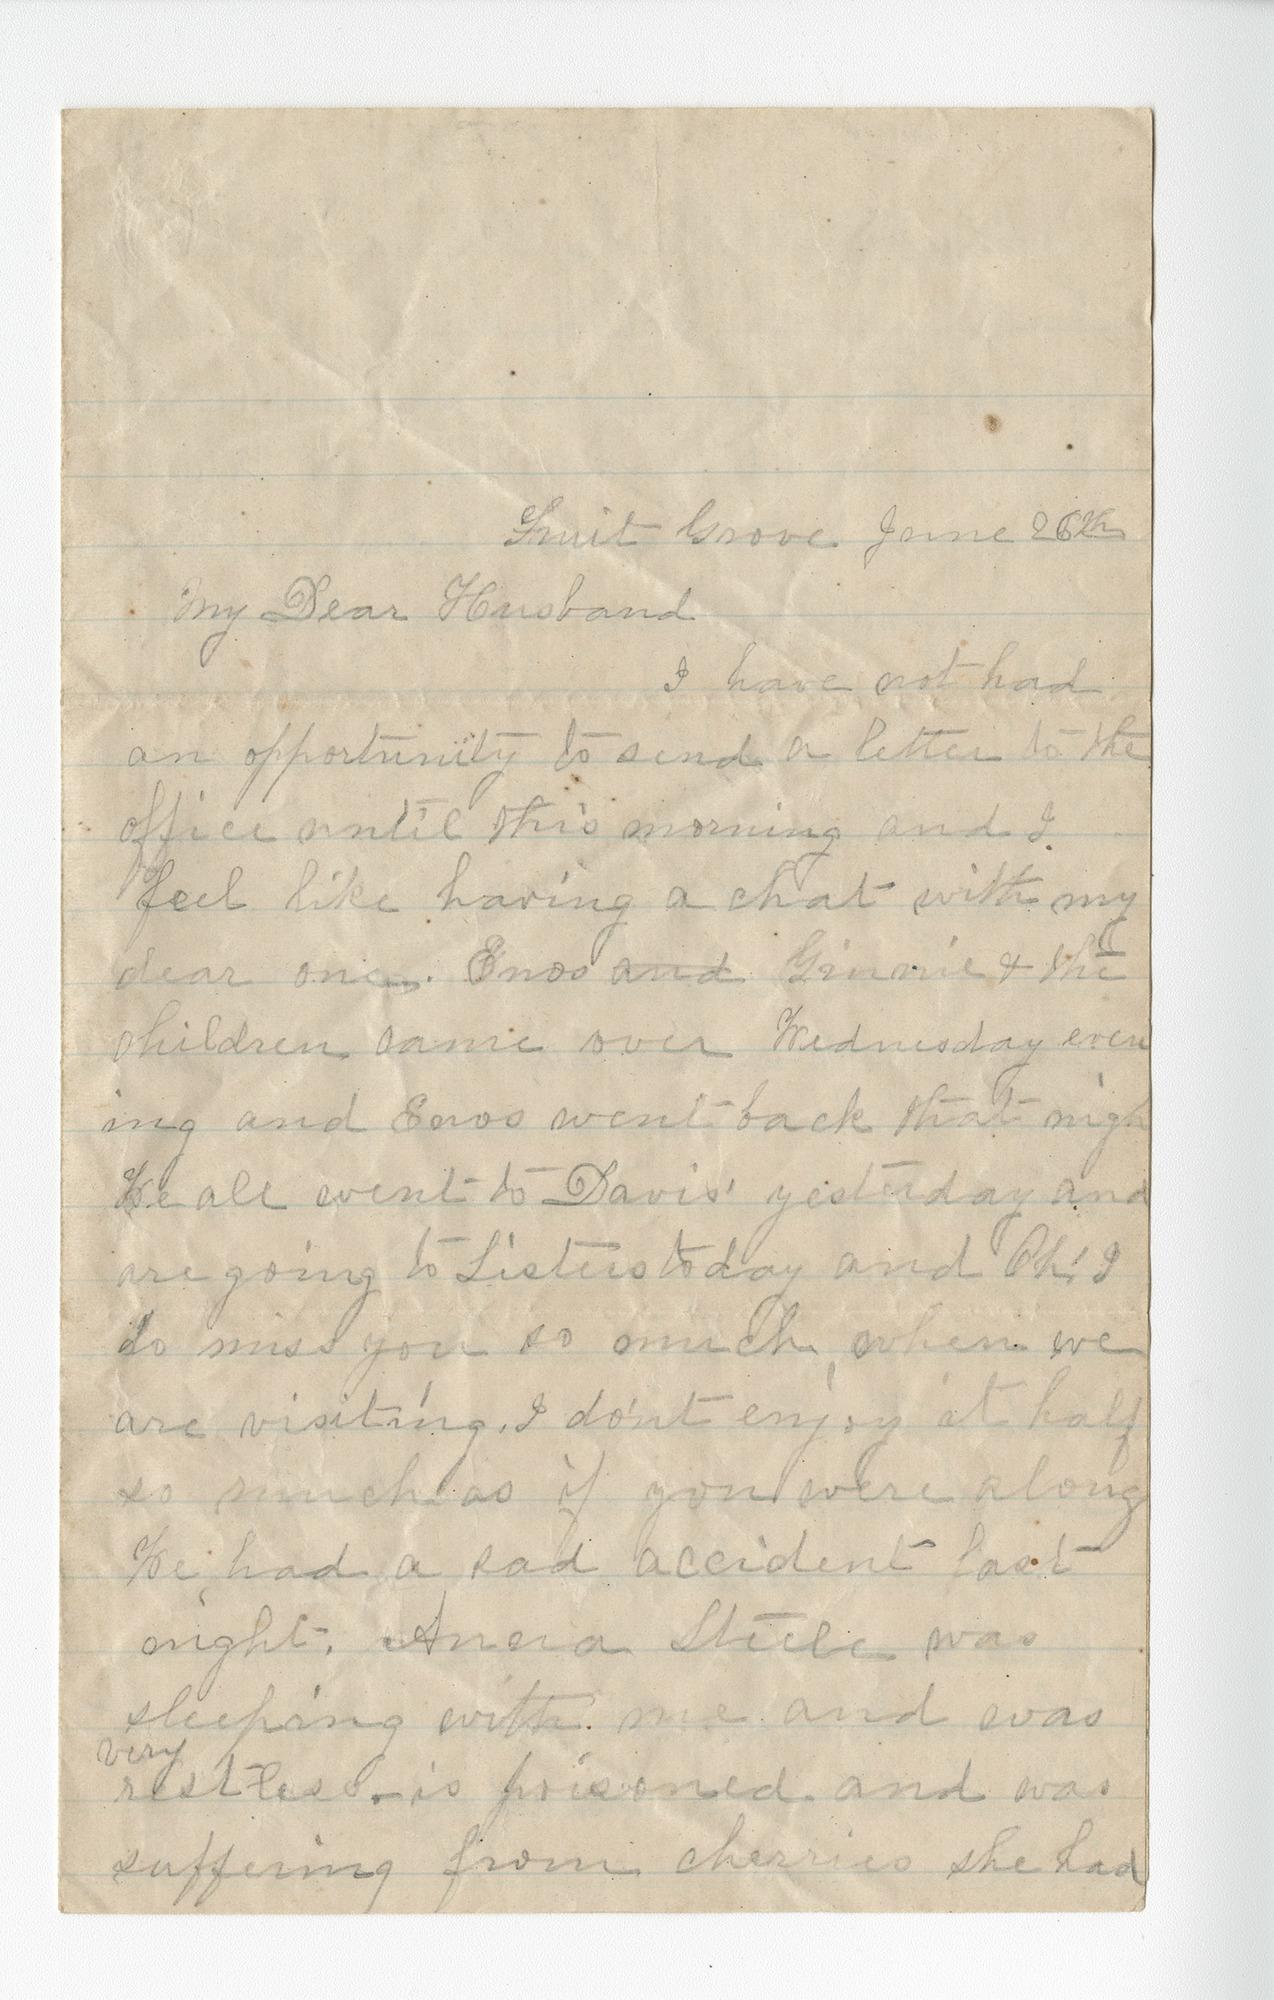 Ms2016-013_HeizerJames_Letter_1868_0626a.jpg